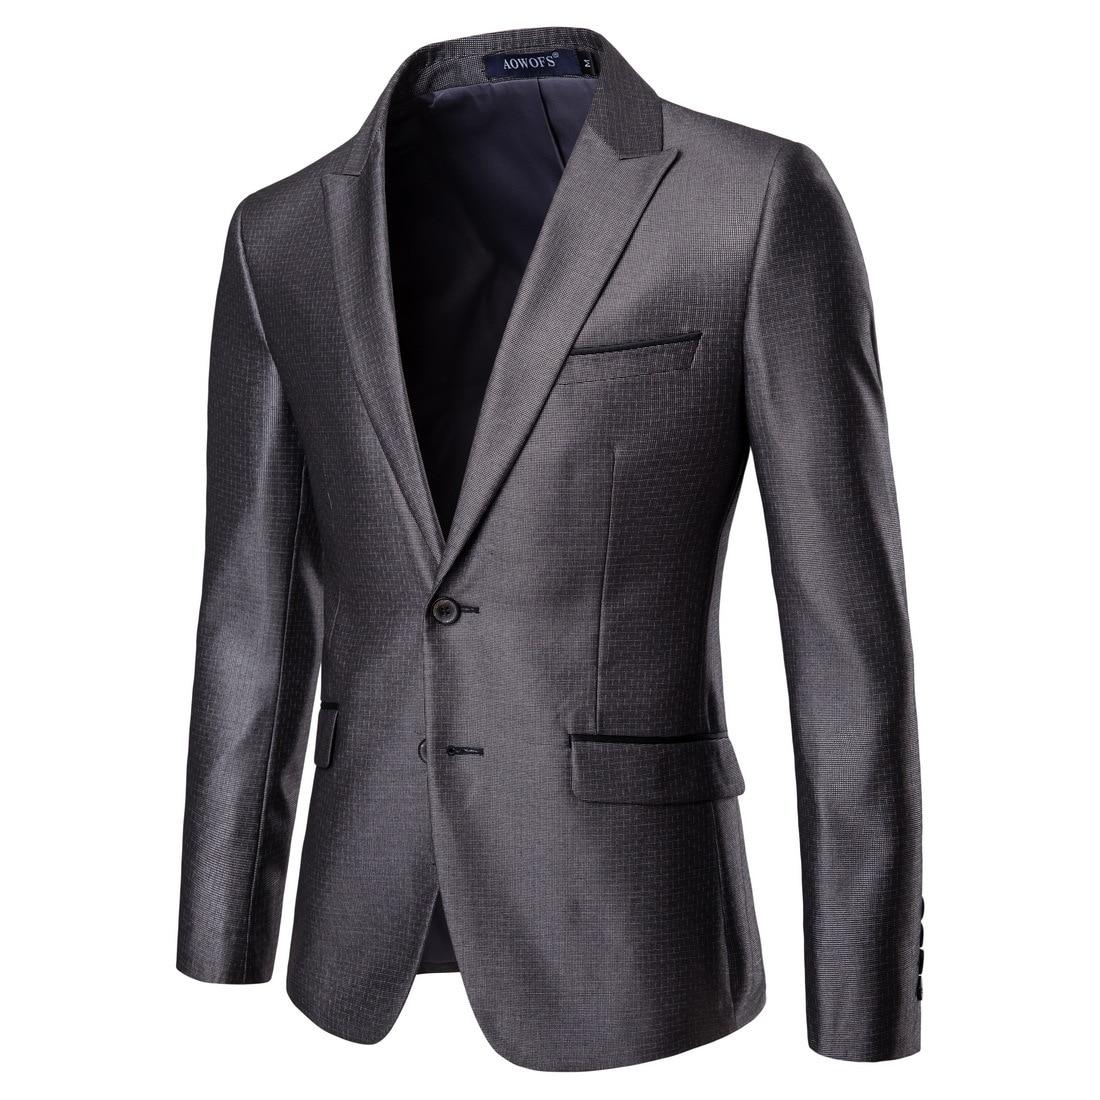 XF009 четыре сезона новый модный мужской костюм два деловые случайные костюмы жениха и жениха свадебное платье блейзер для мужчин - 2